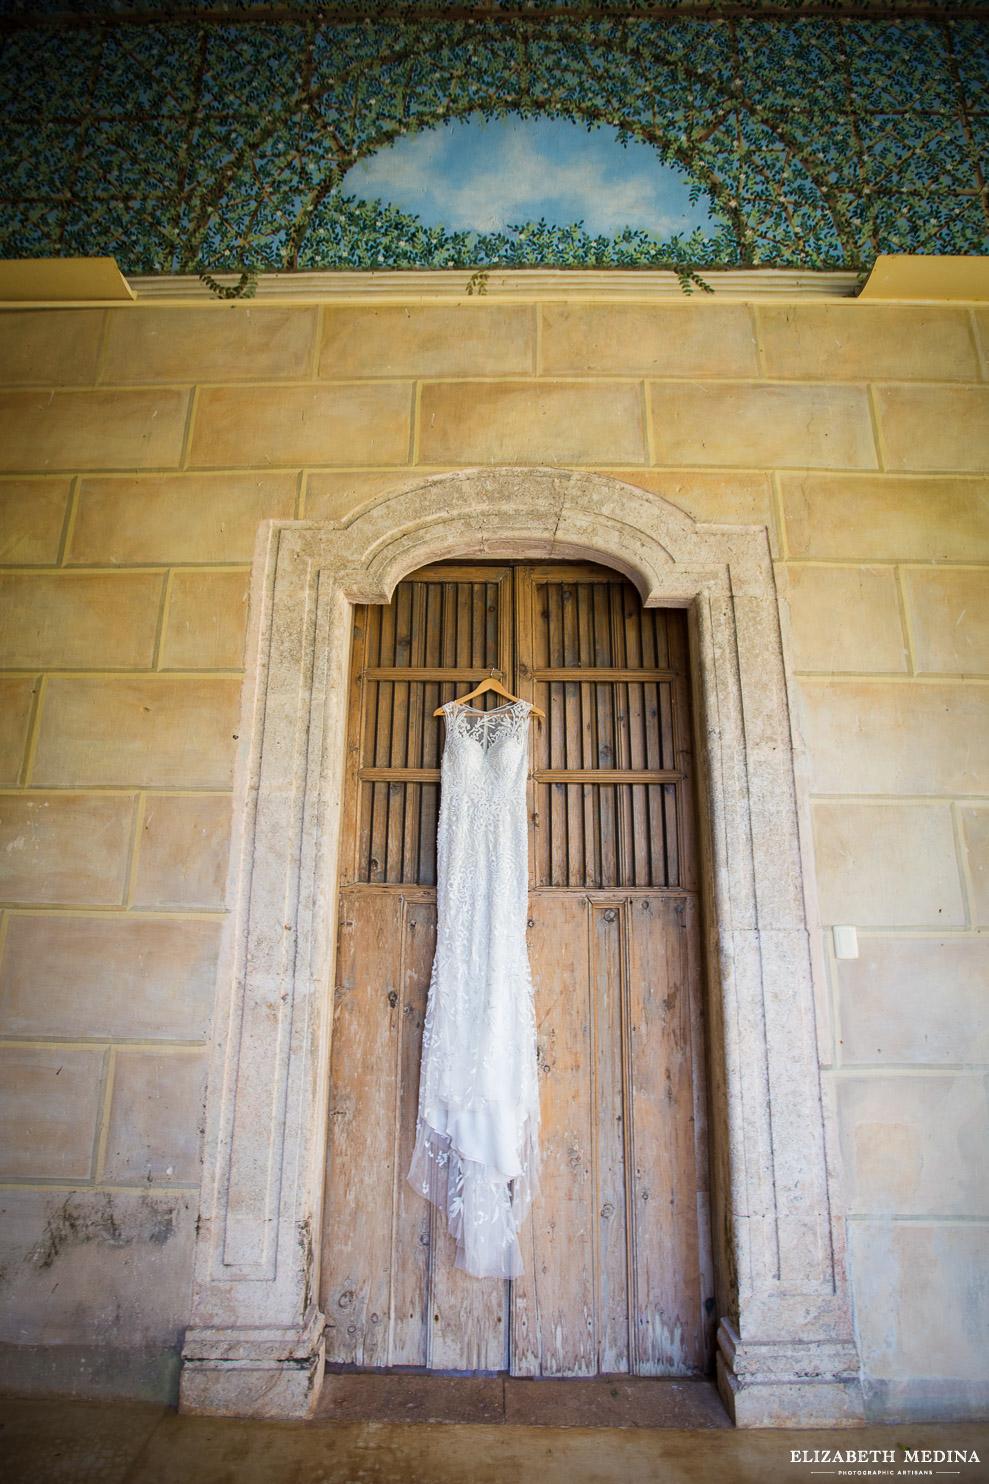 hacienda tekik de regil wedding elizabeth medina photography 05 Hacienda Tekik de Regil Yucatan Wedding, Fotografía Hacienda Tekik de Regil, Yucatán